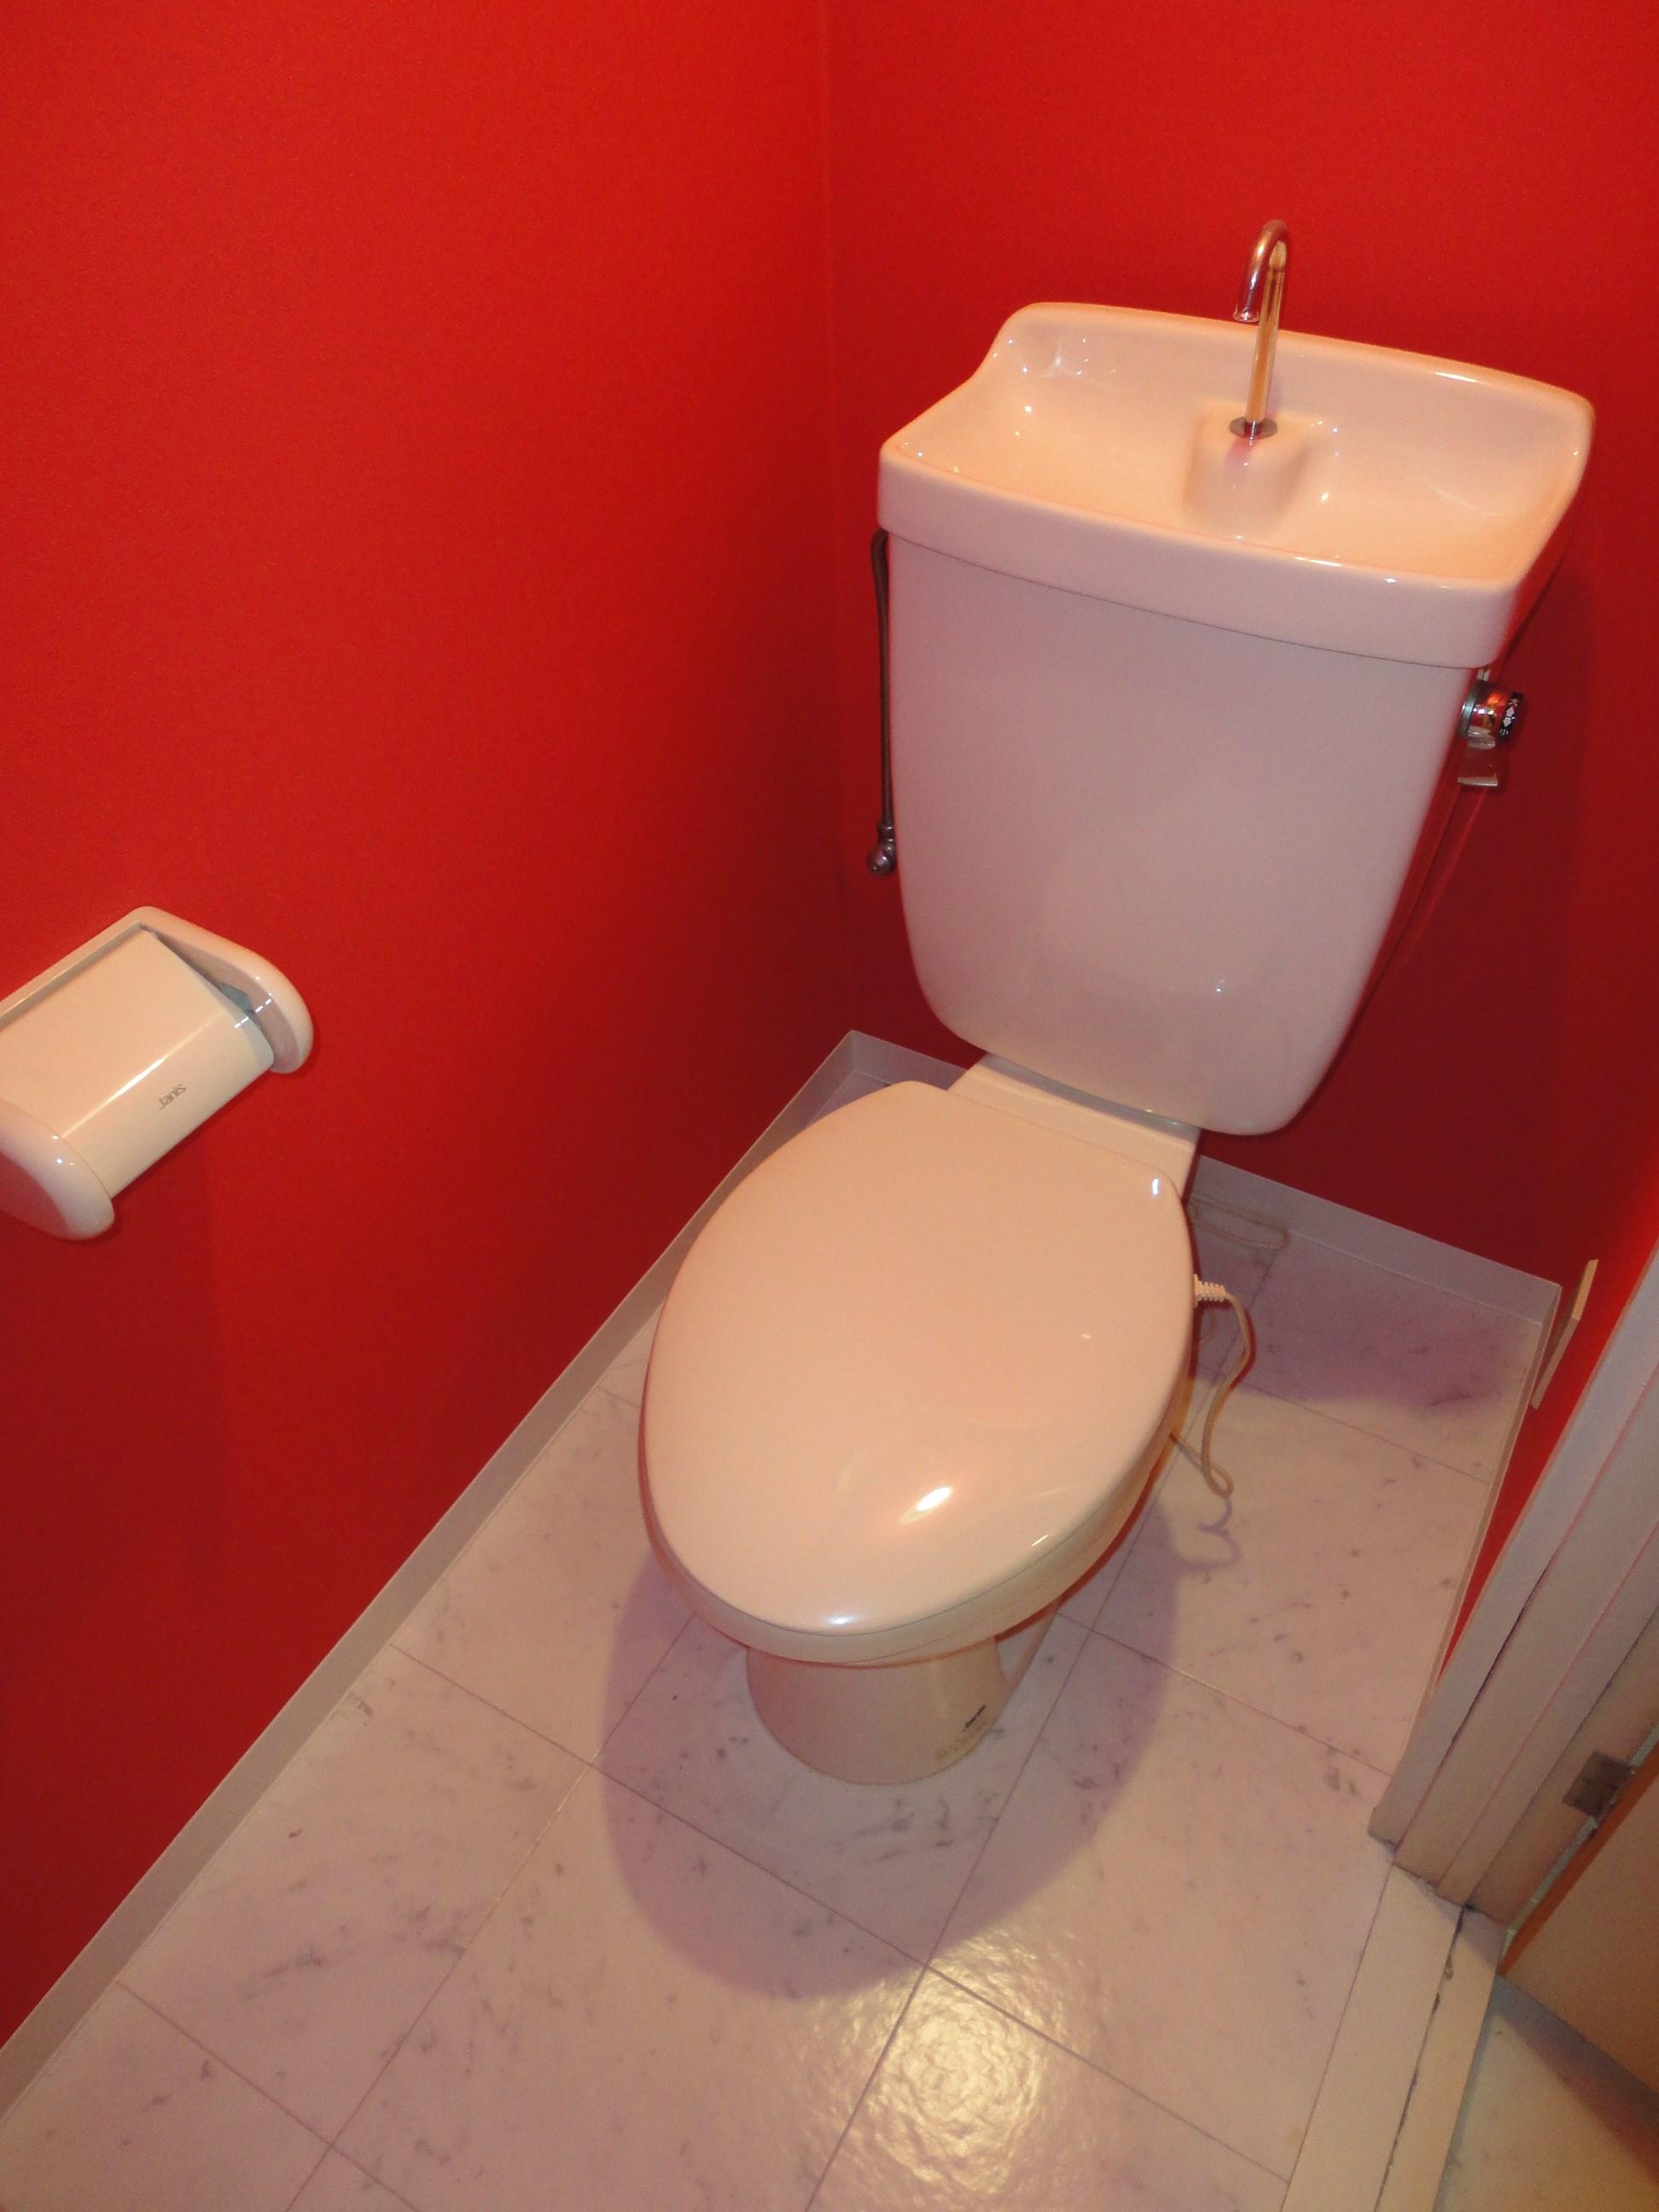 お申込みが入りましたら温水洗浄便座を取り付けます。